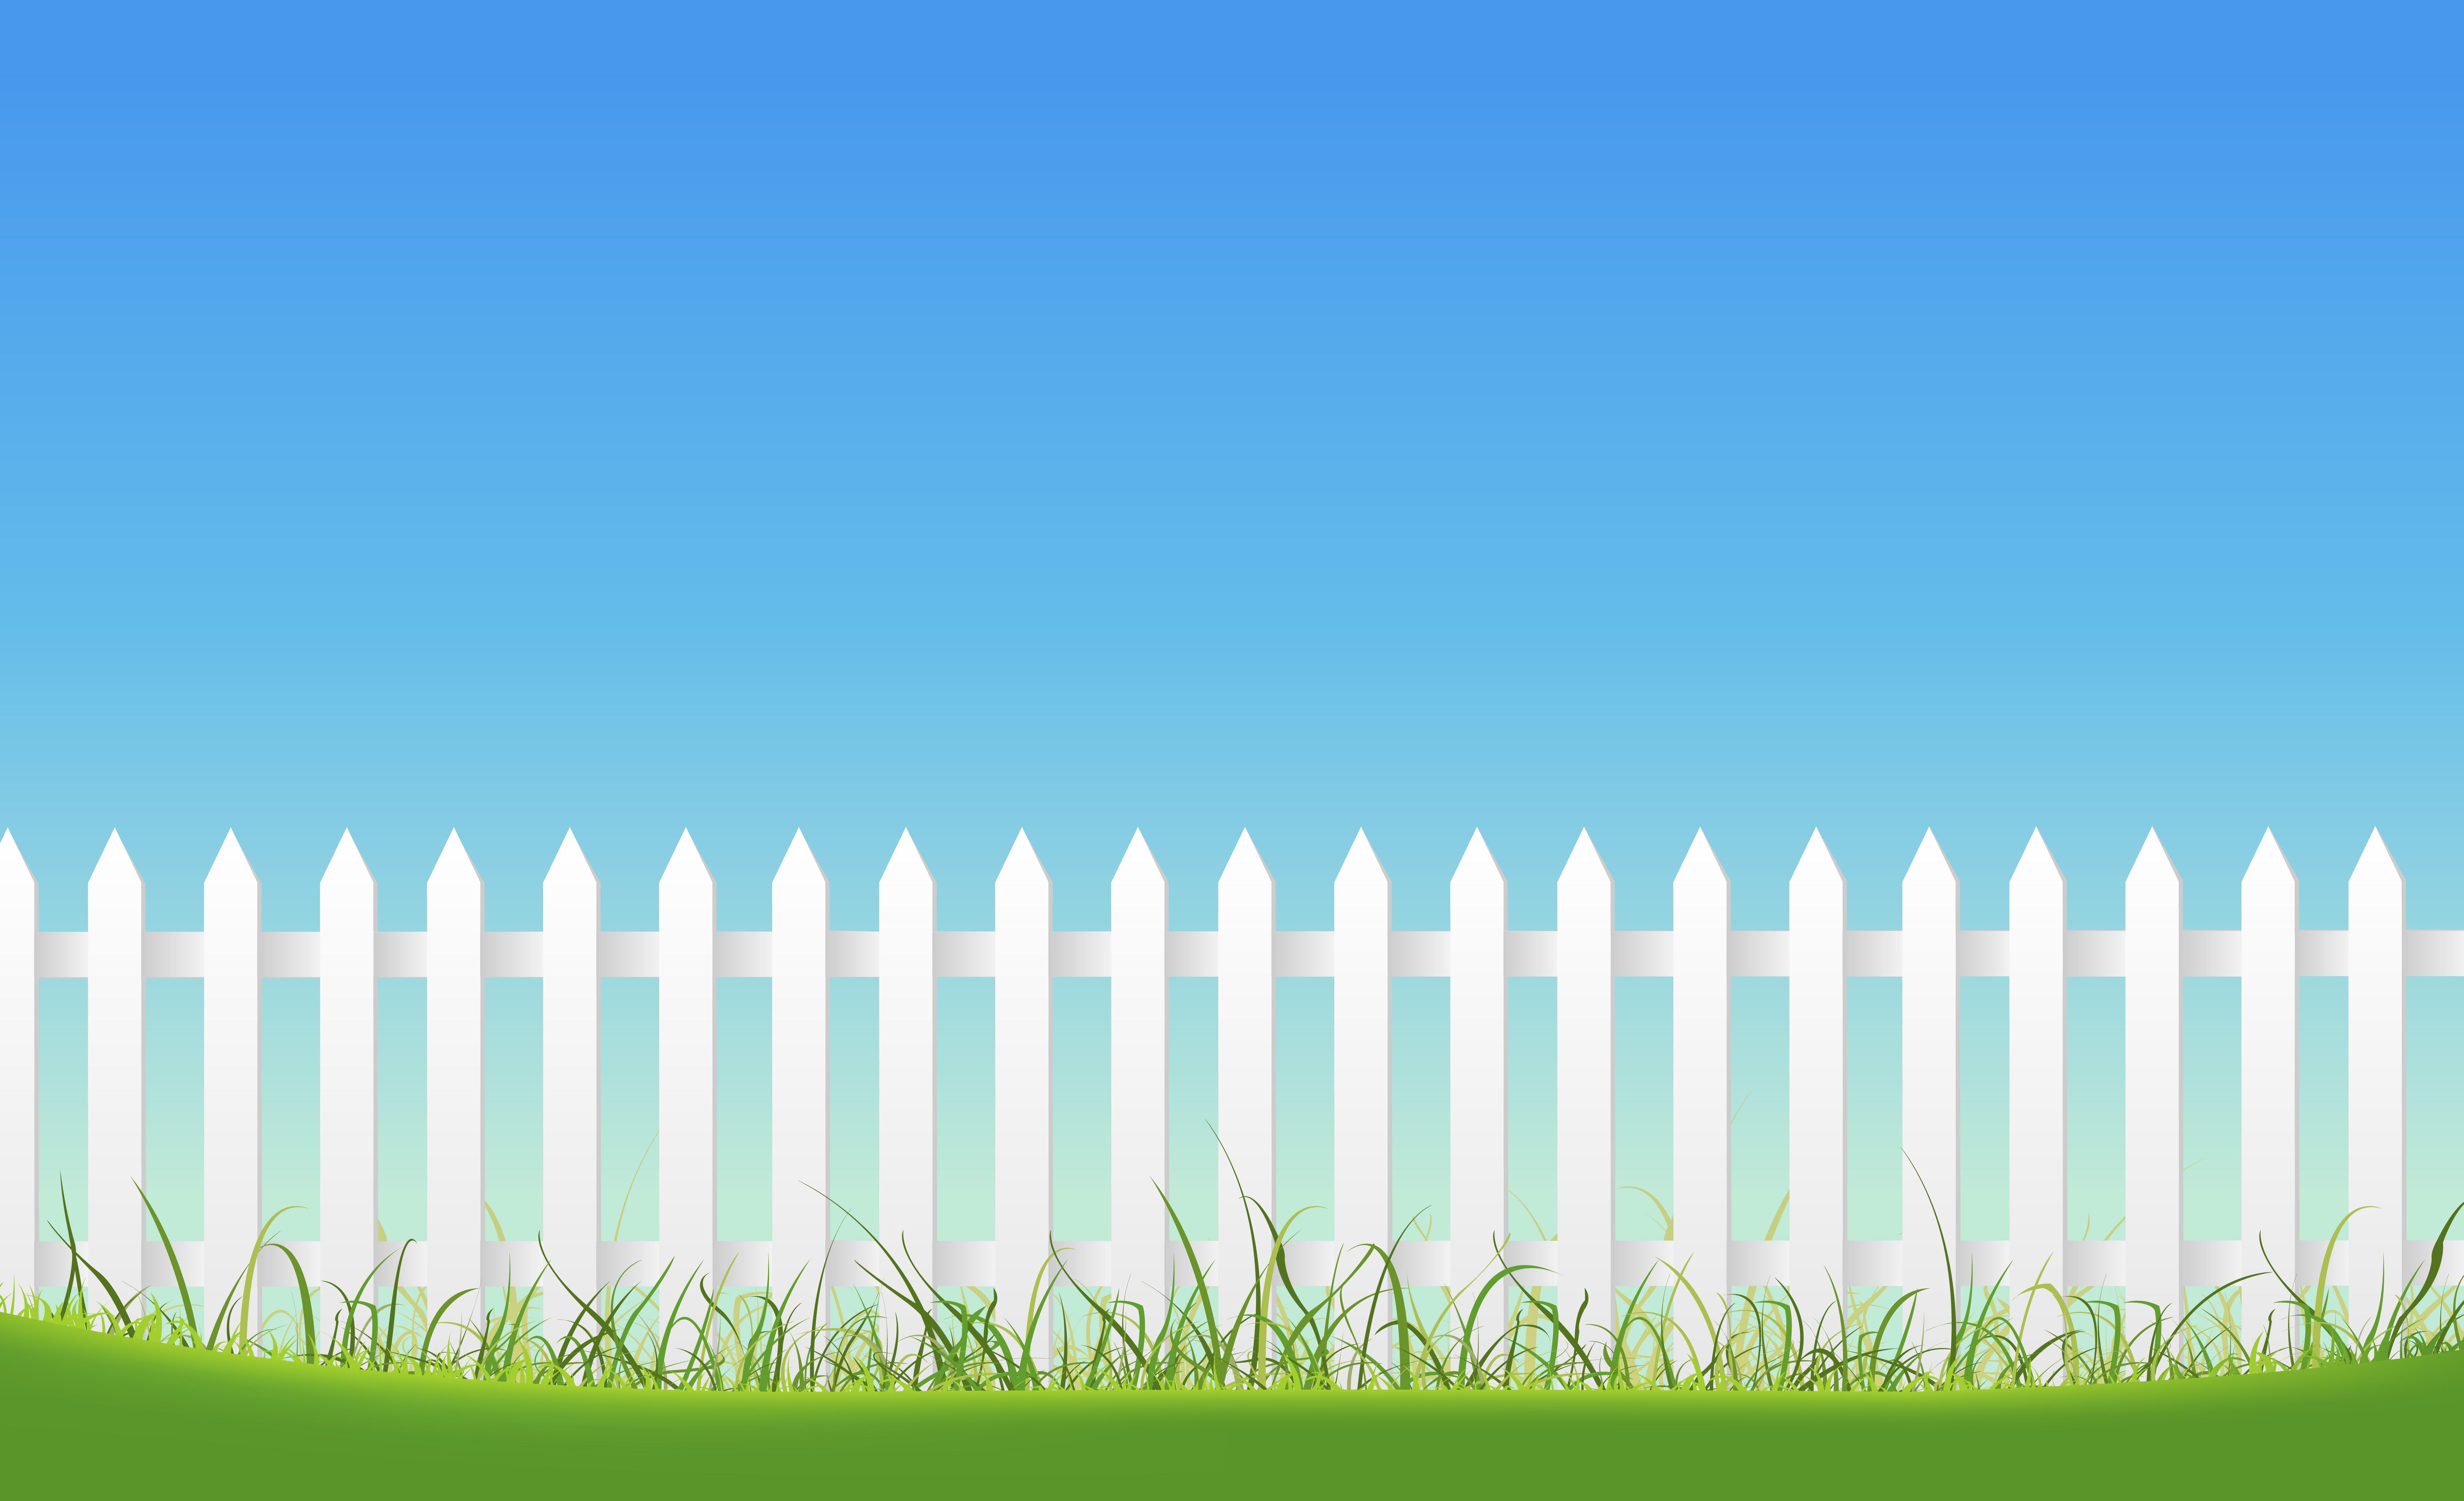 подборку картинка белый забор белый фон создает плотную, густую